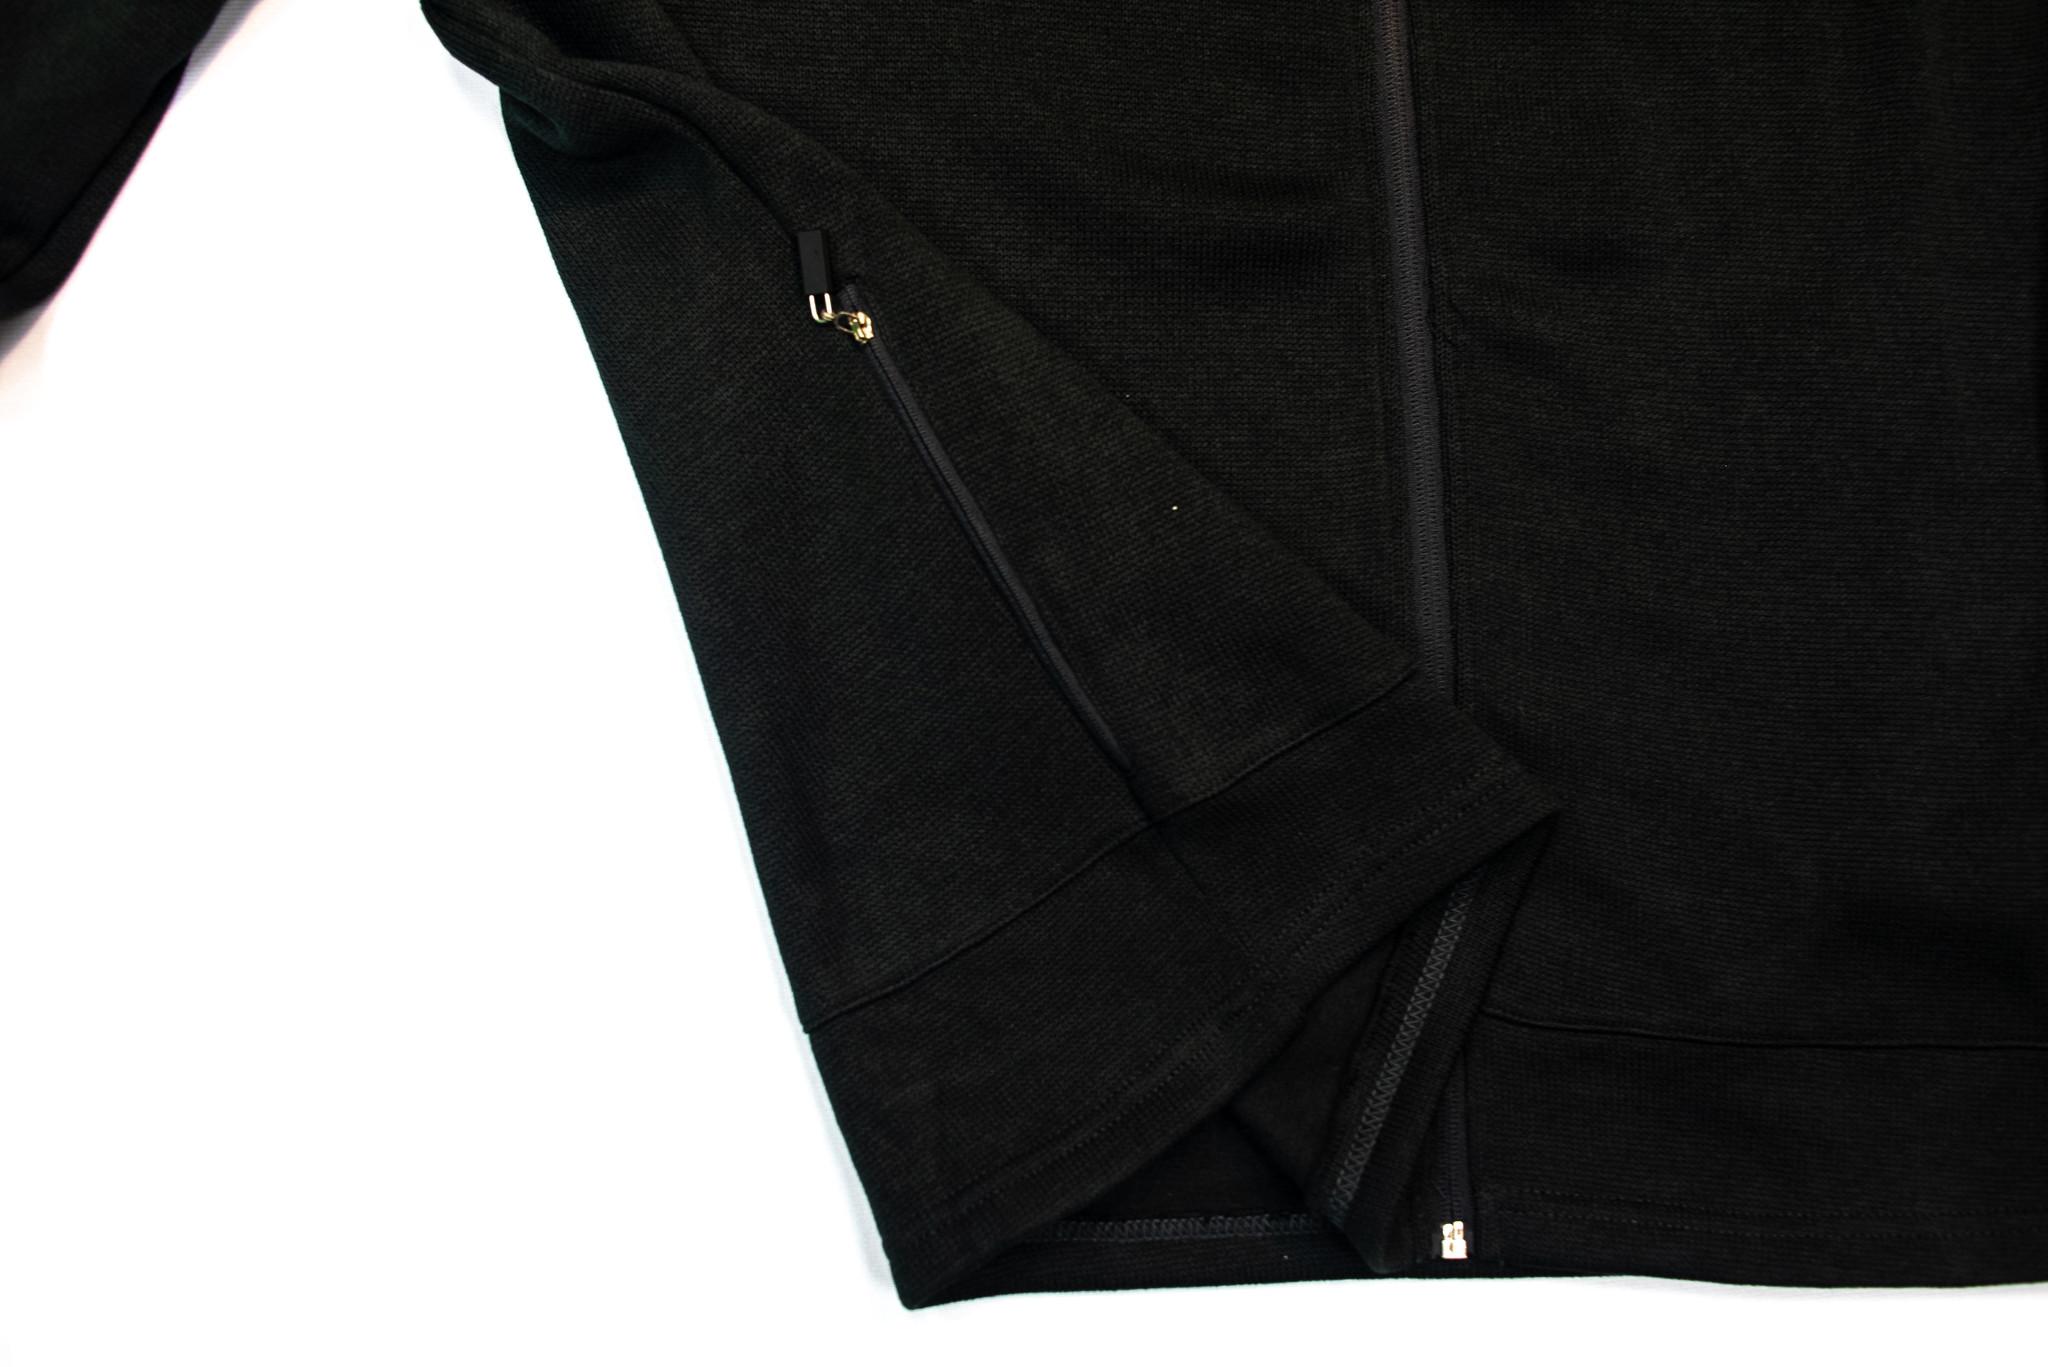 Jacket,Black,Fleece,BereaCollege